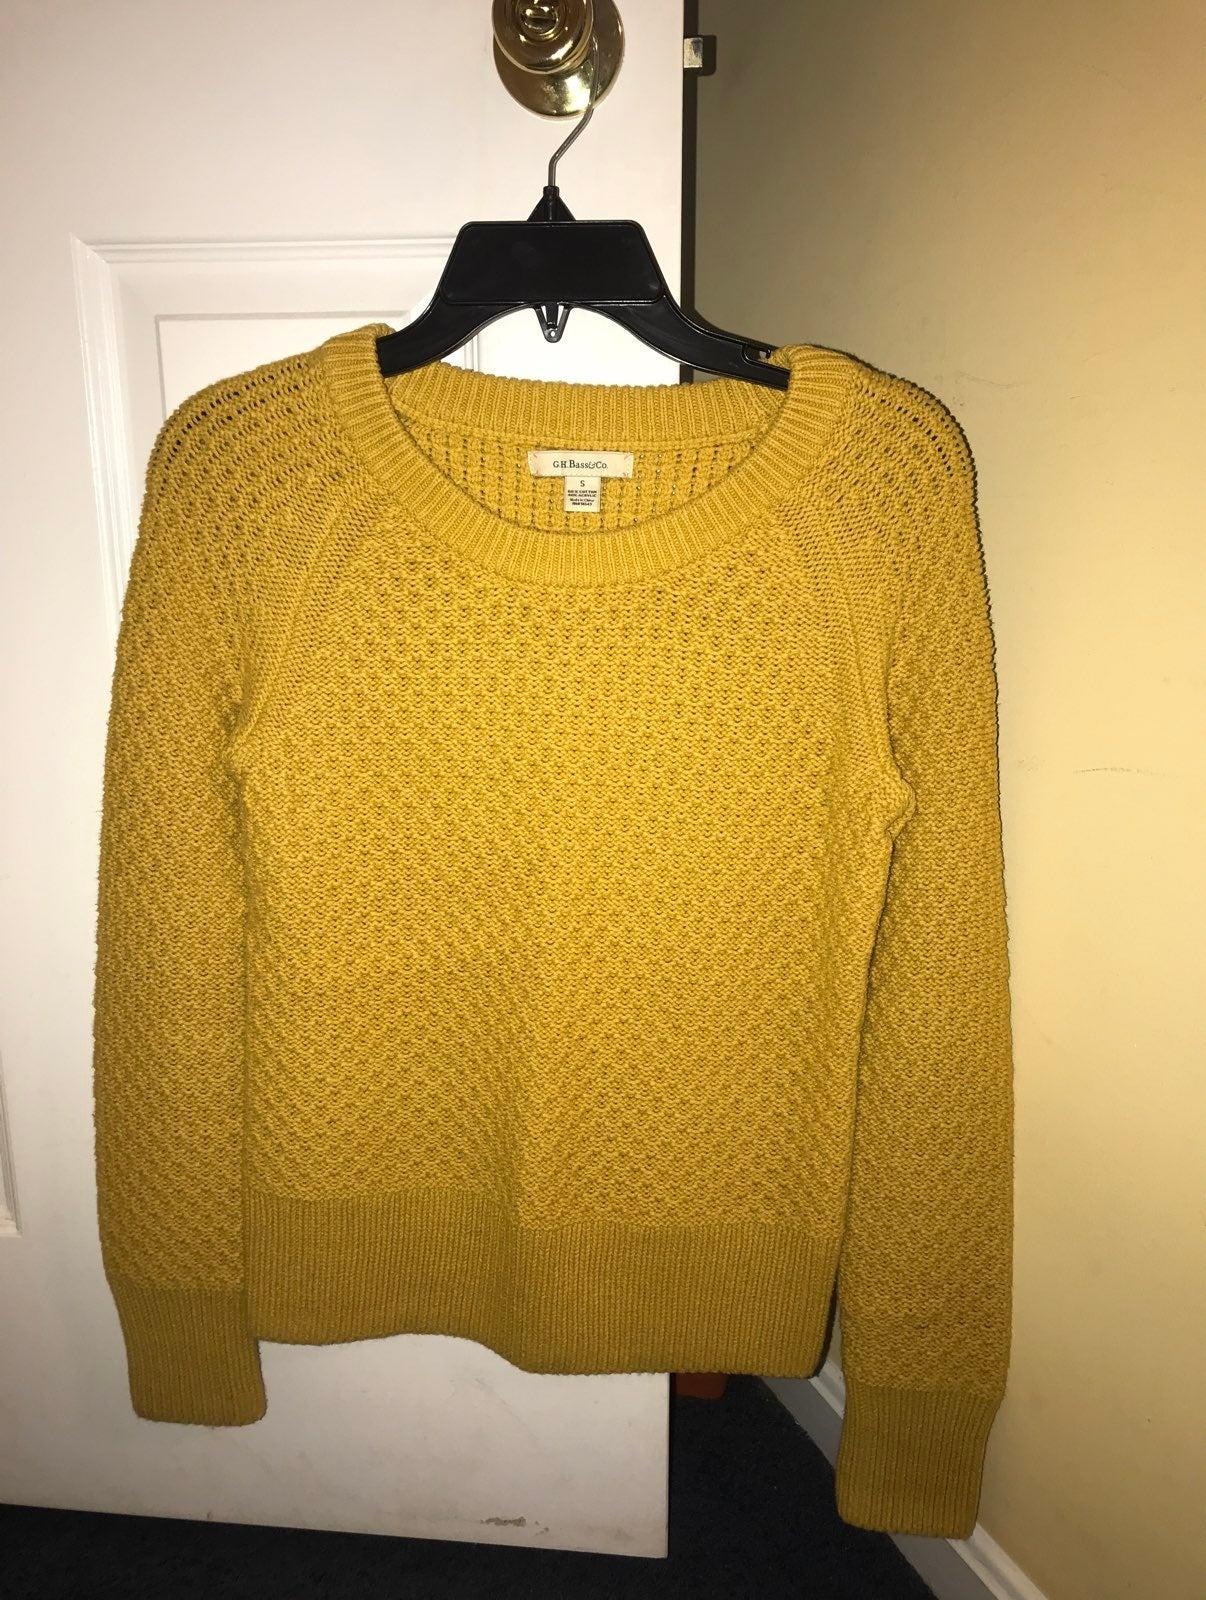 G.H Bass & co sweater